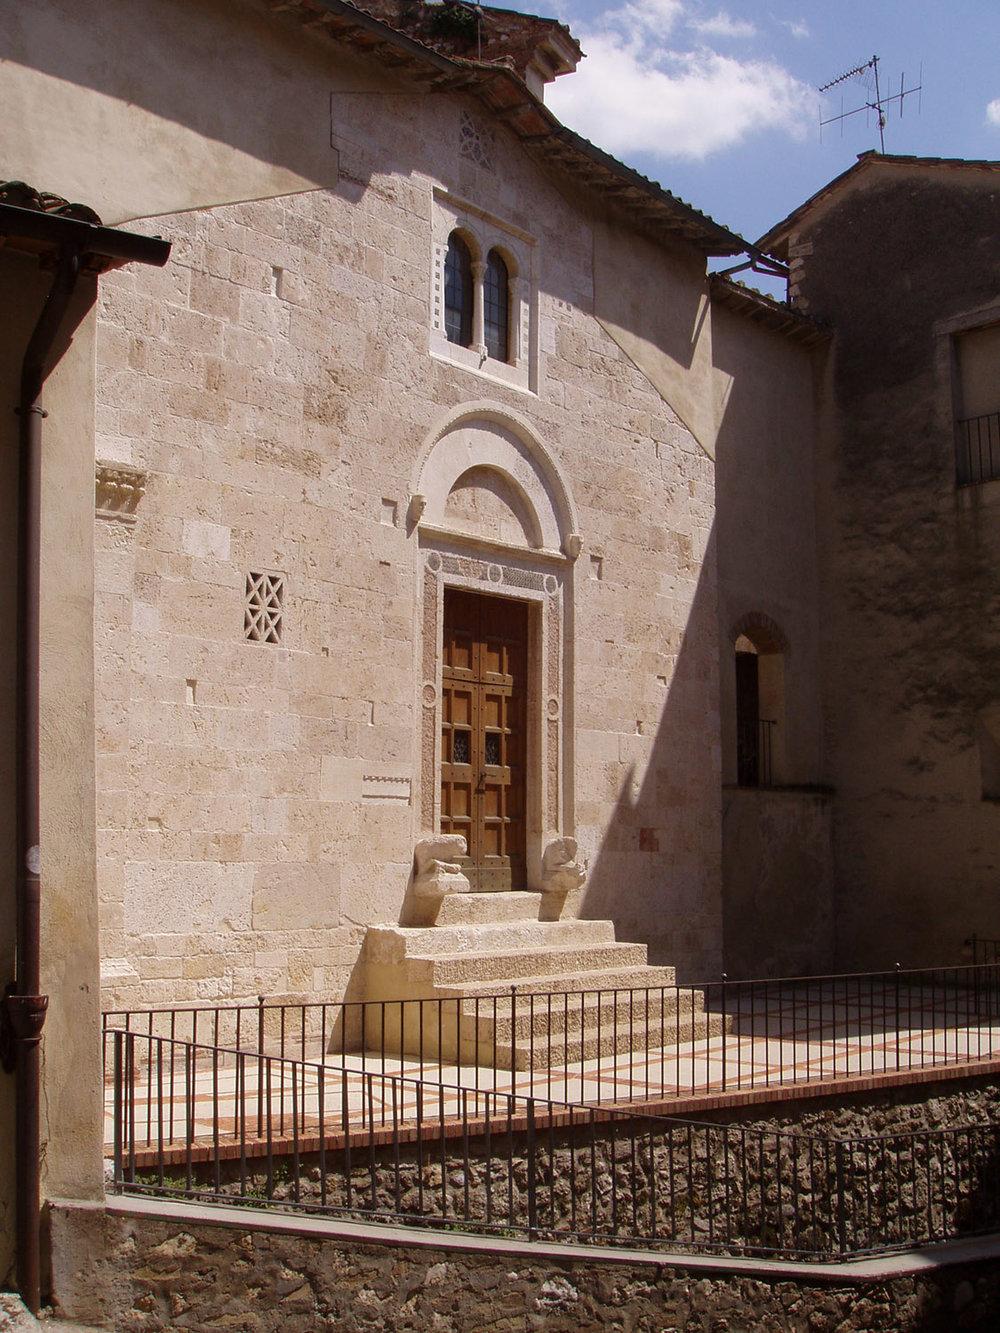 San Gemini, S. Giovanni Battista